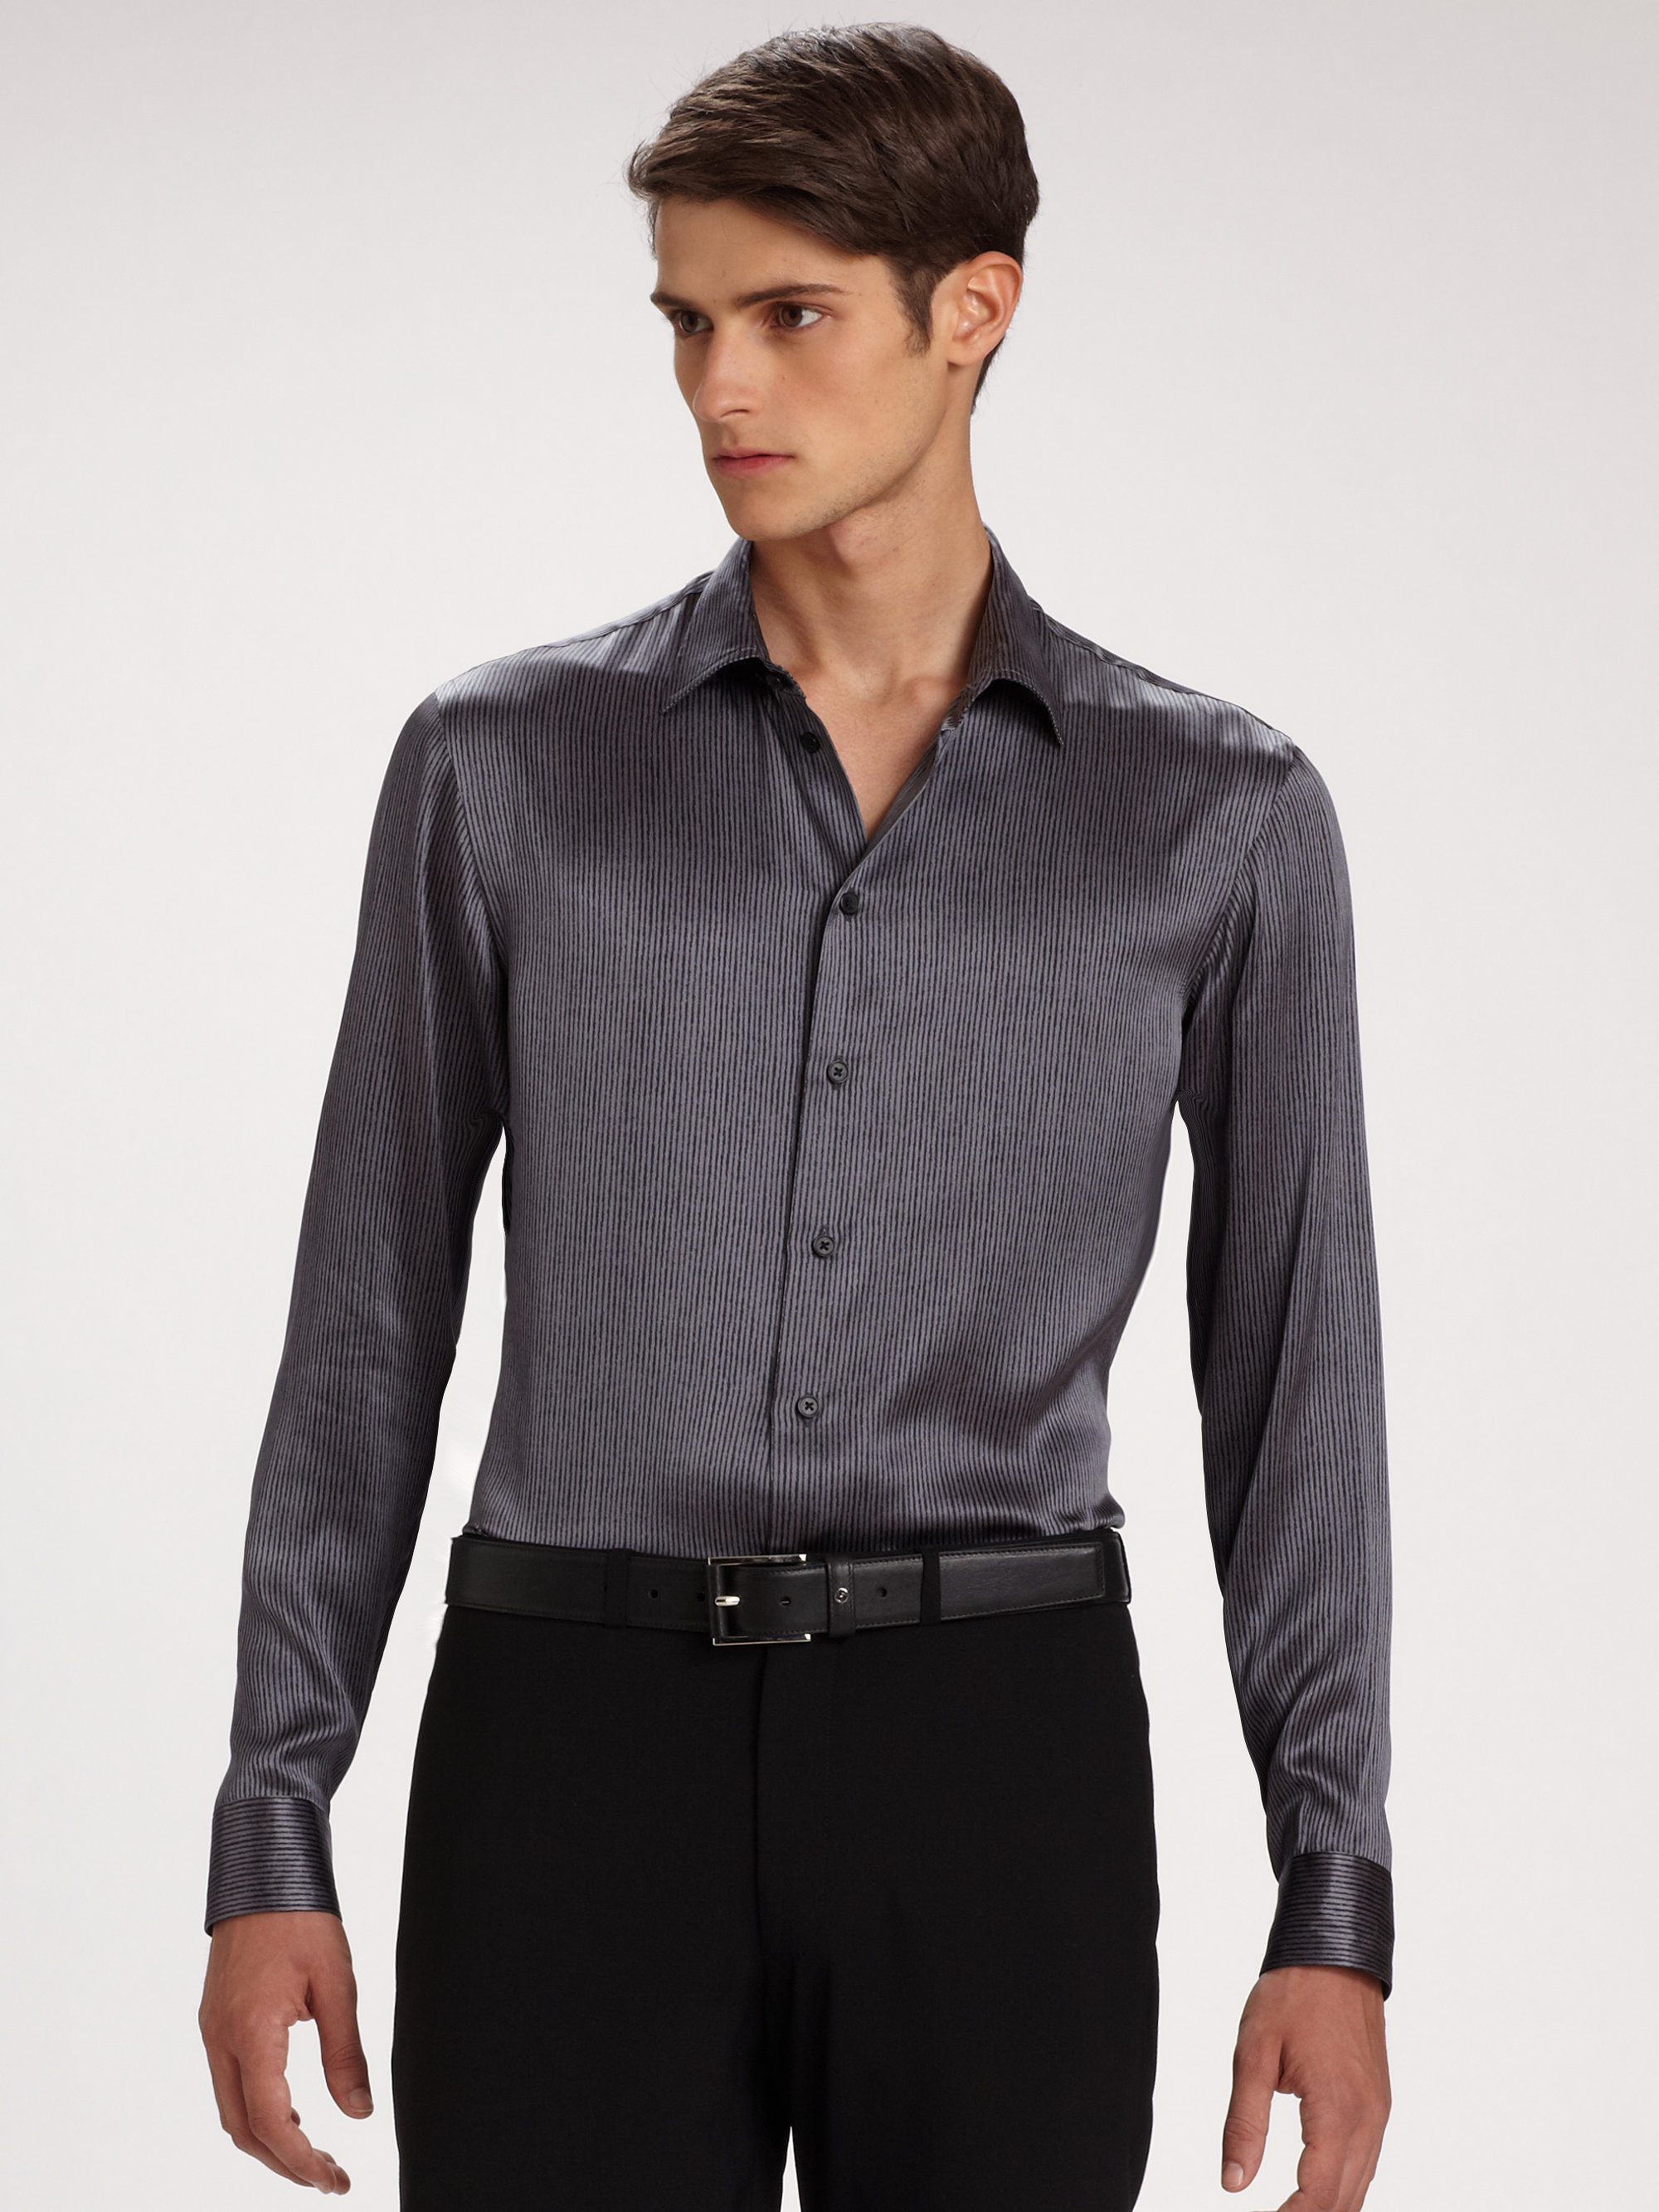 Mens Chambray Work Shirt